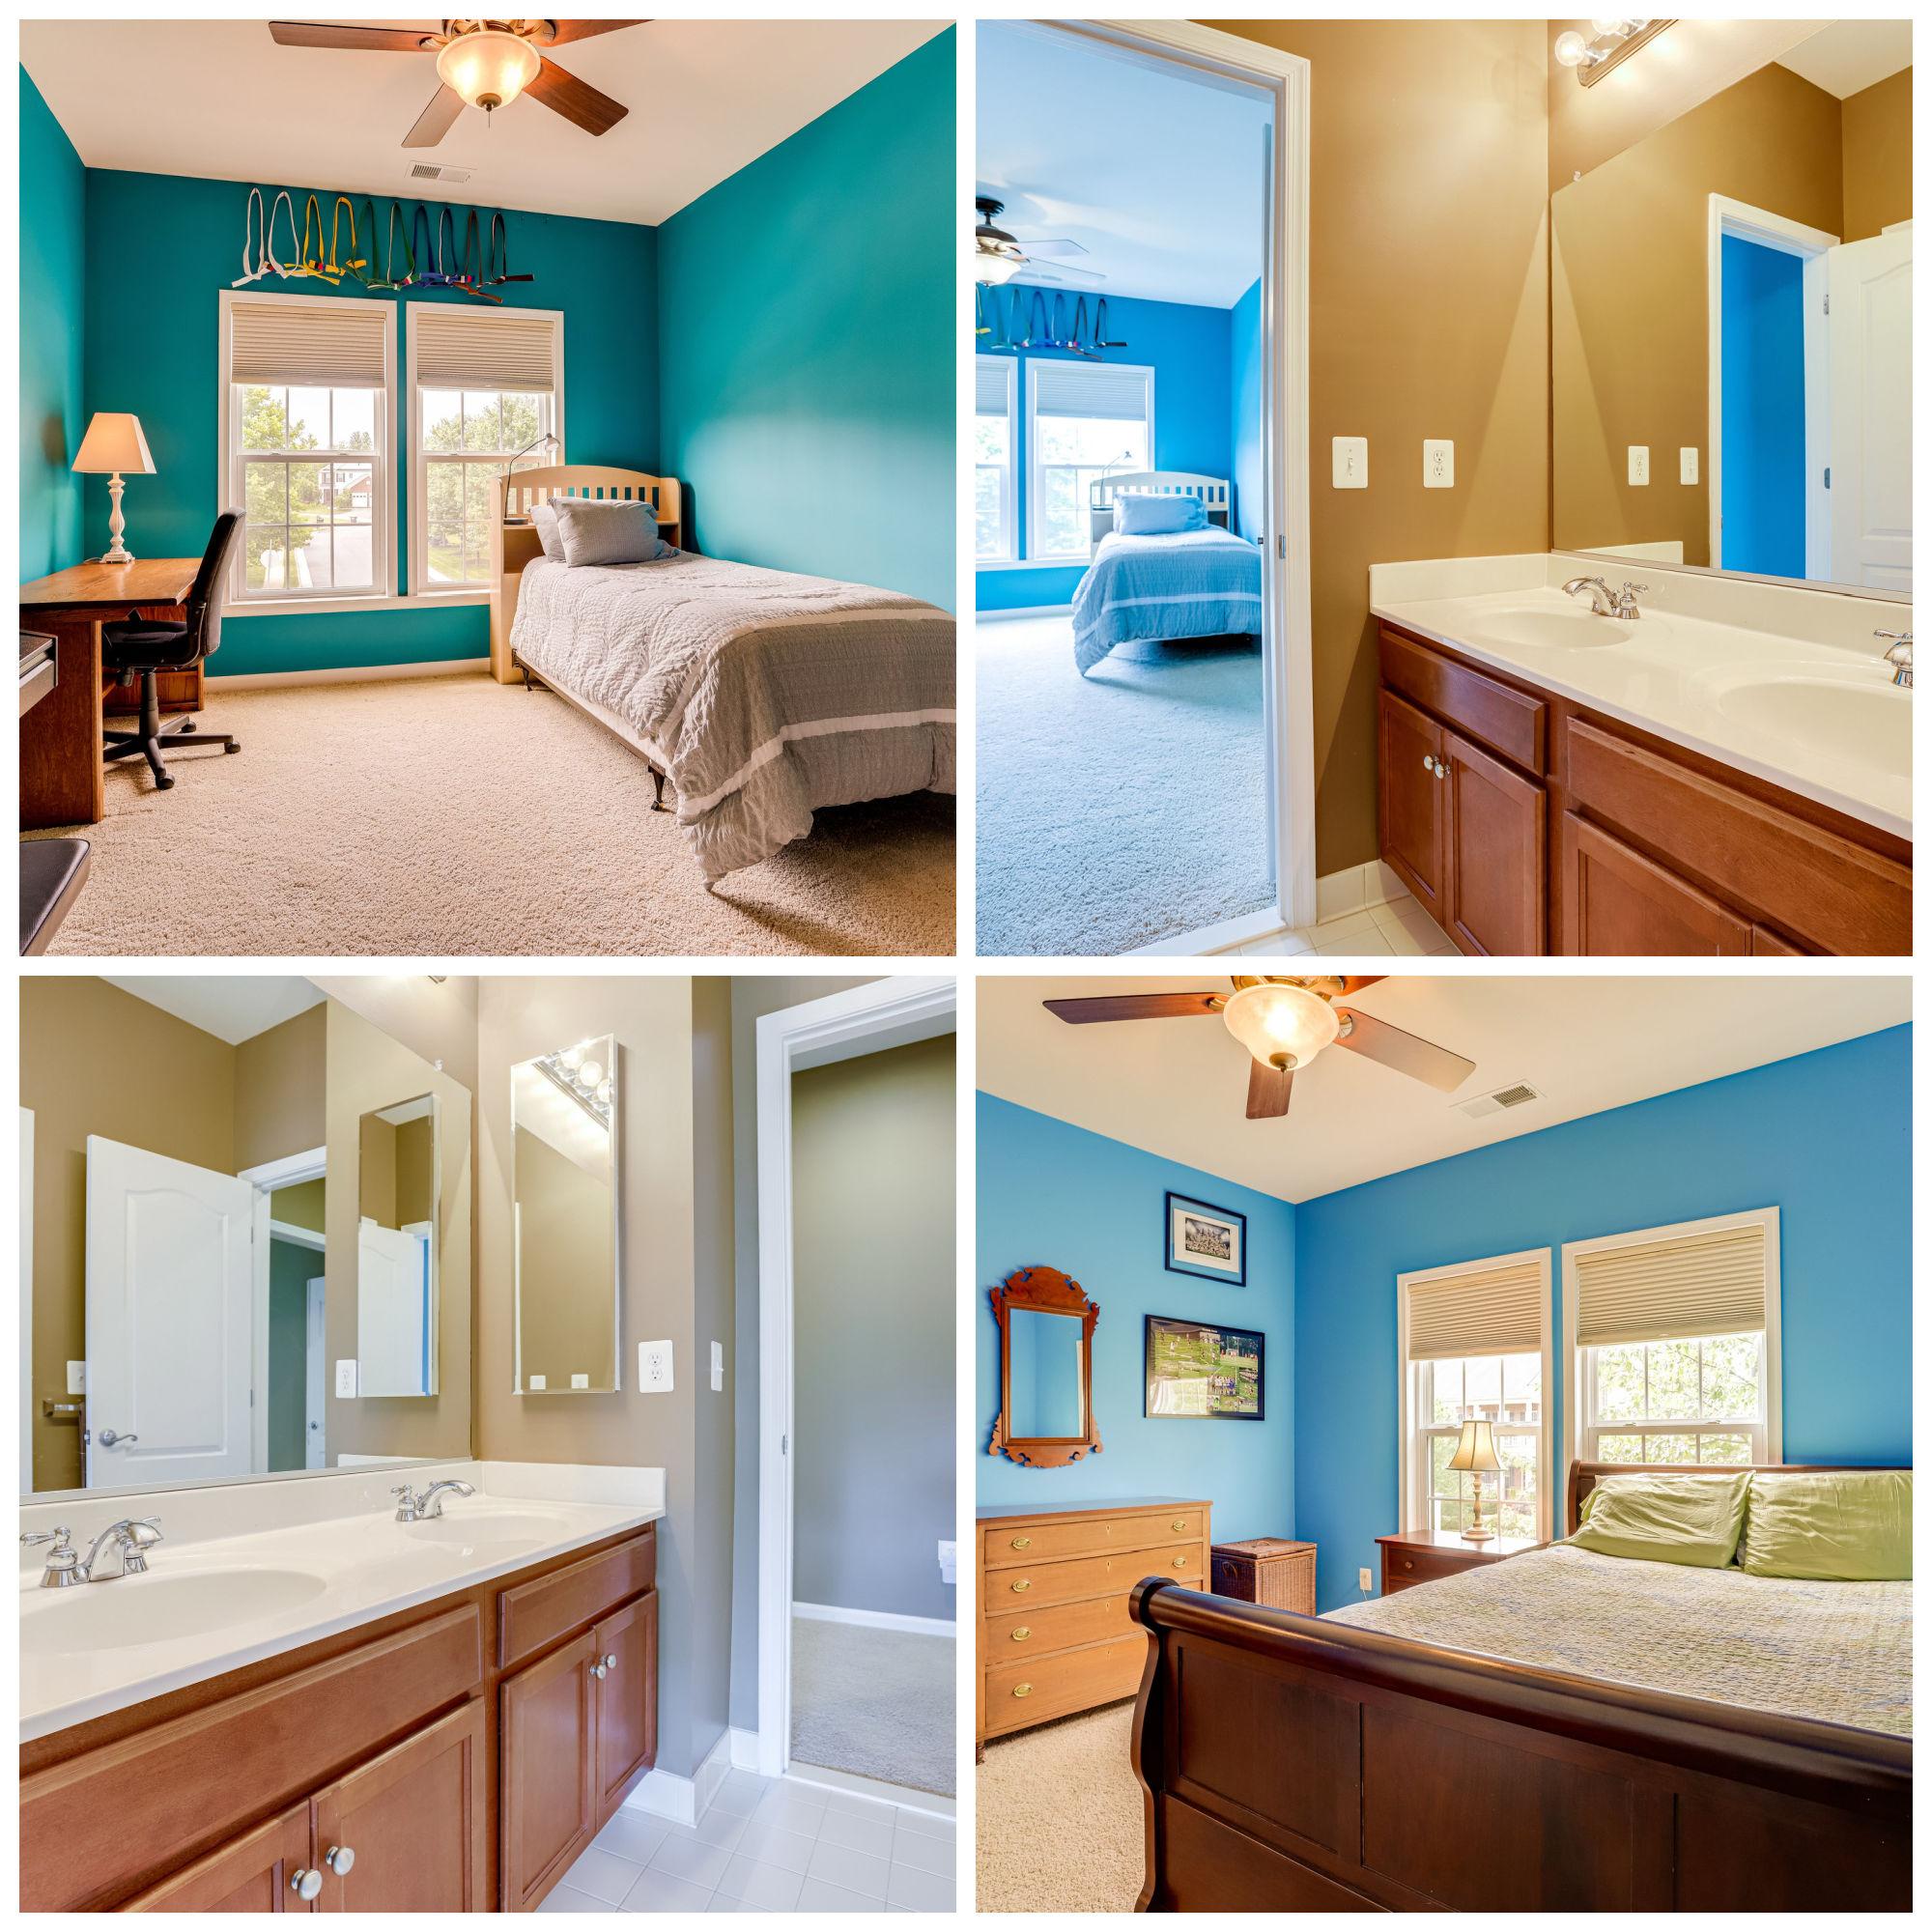 42974 Tealbriar Pl, Broadlands- Additional Bedrooms and Bathroom